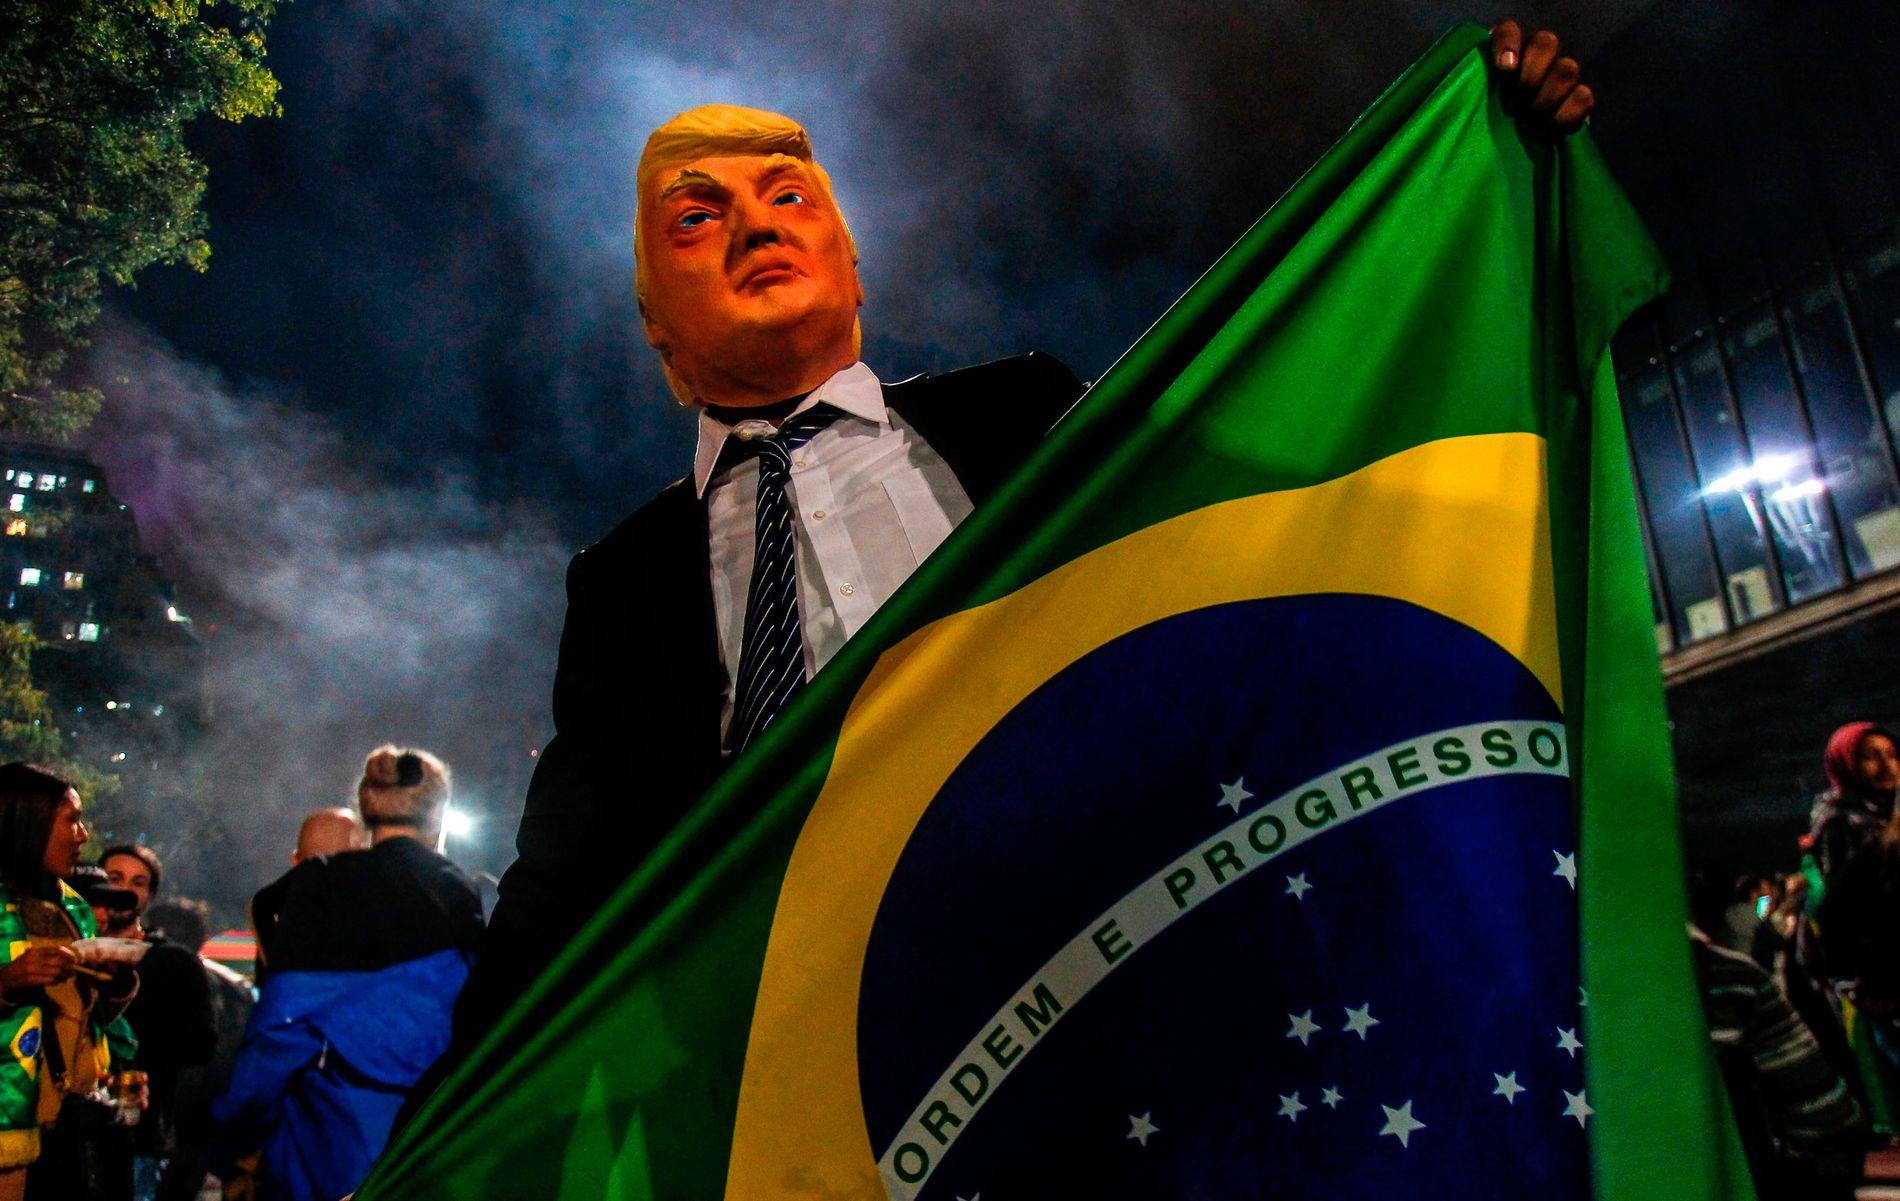 FORBILDE: Sammenligningene med Donald Trump har vært mange i valgkampen, en sammenligning Bolsonaro selv trives med. Sønnen, Eduardo Bolsonaro, har også vært i New York for å søke råd hos Trumps tidligere valgkampstrateg, Stephen Bannon.